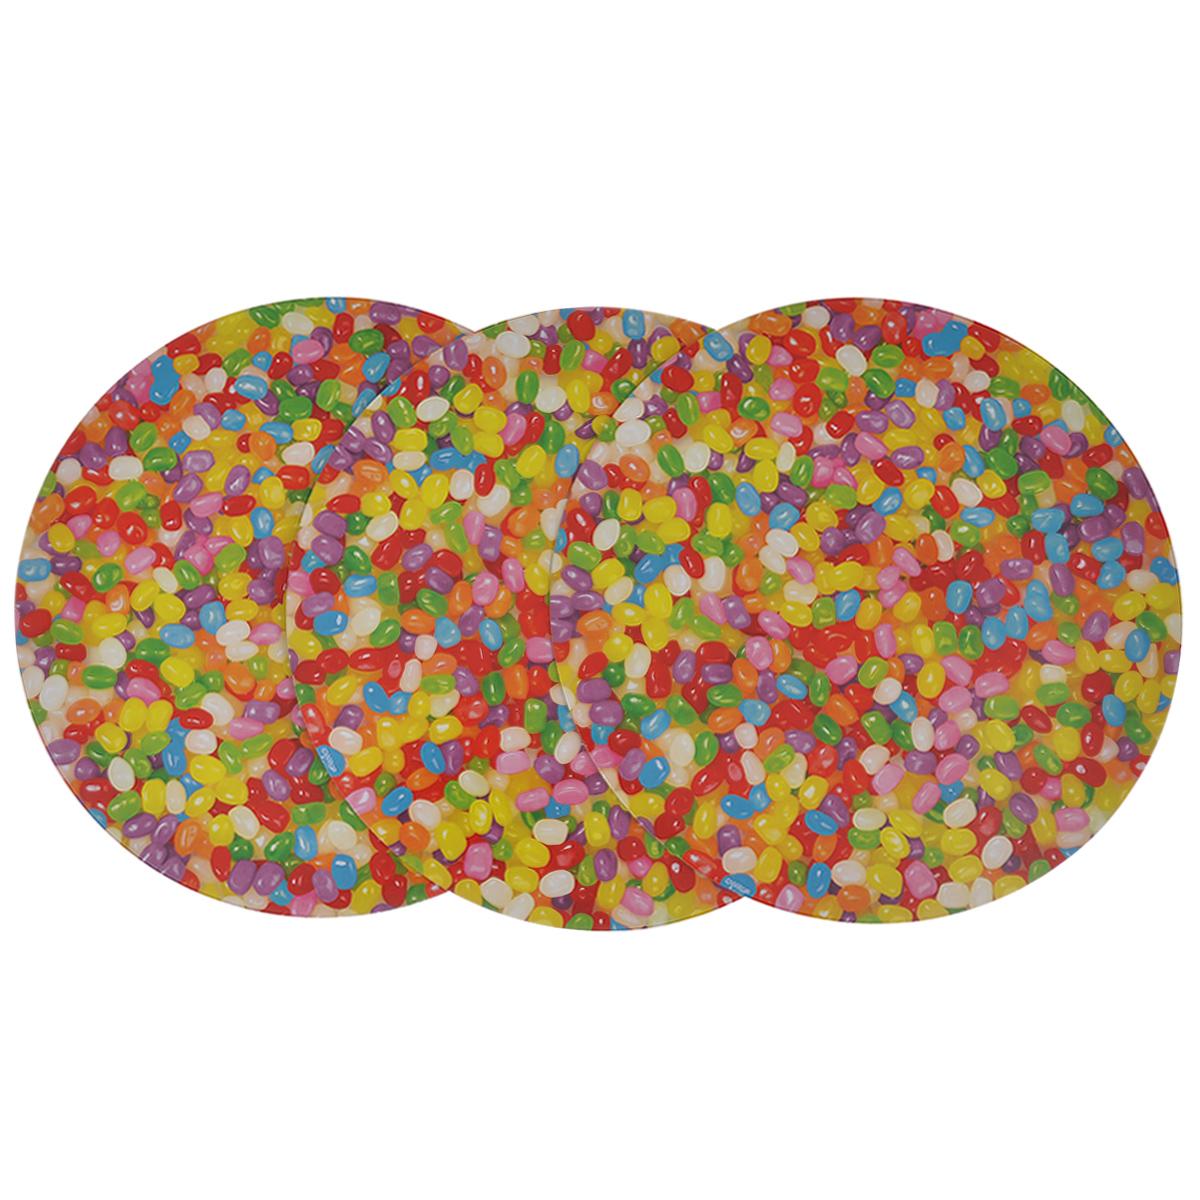 Основа для торта Wilton Веселая фасоль, диаметр 30 см, 3 штWLT-2104-7015Круглая основа для торта Wilton Веселая фасоль изготовлена из гофрированного картона сжиронепроницаемым покрытием, оформленным красочным принтом в виде разноцветных драже.Основа предназначена для круглого торта диаметром около 25 см или небольших праздничныхугощений и закусок (например, пирожных, канапе). Основа удобна для работы, перекладываниякоржей, хранения и переноски торта. В комплекте 3 основы.Диаметр: 30 см.